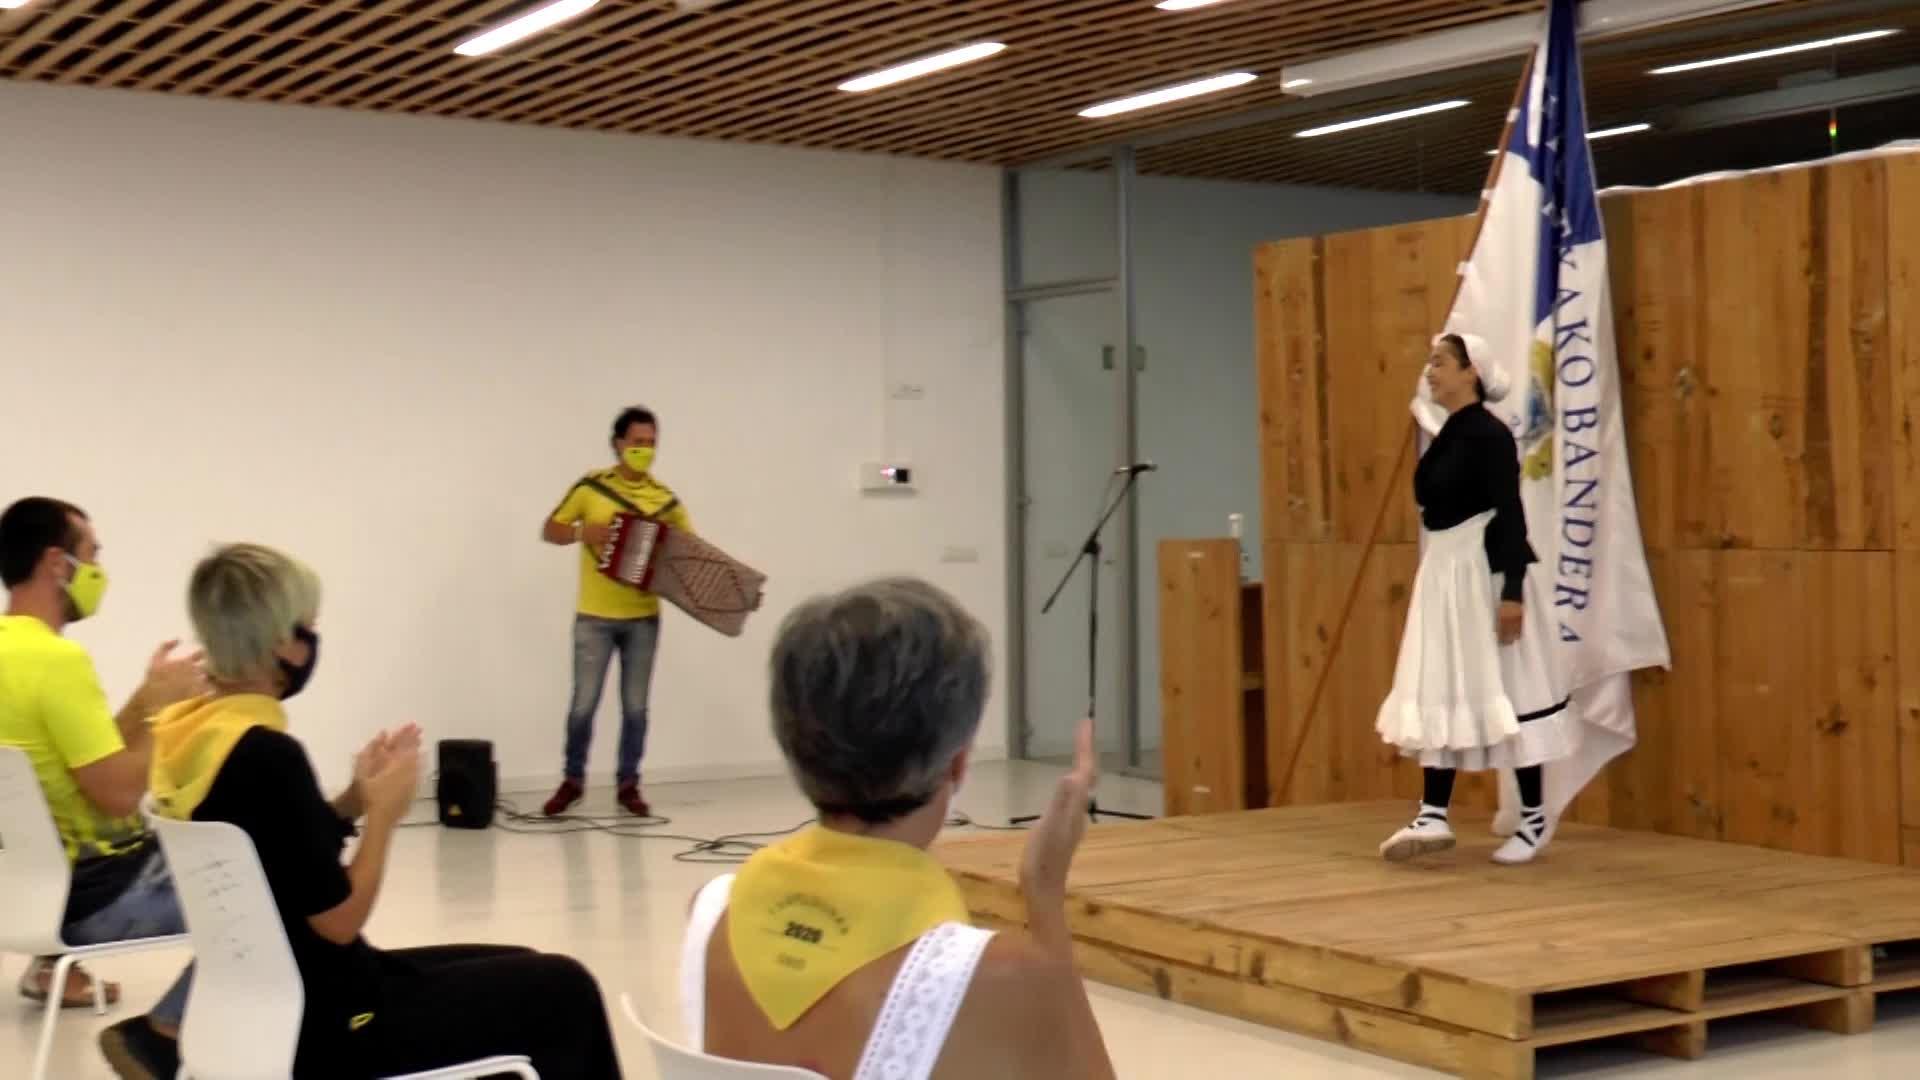 Orioko emakumezkoen traineruak omenaldia jaso zuen atzo udalaren eskutik